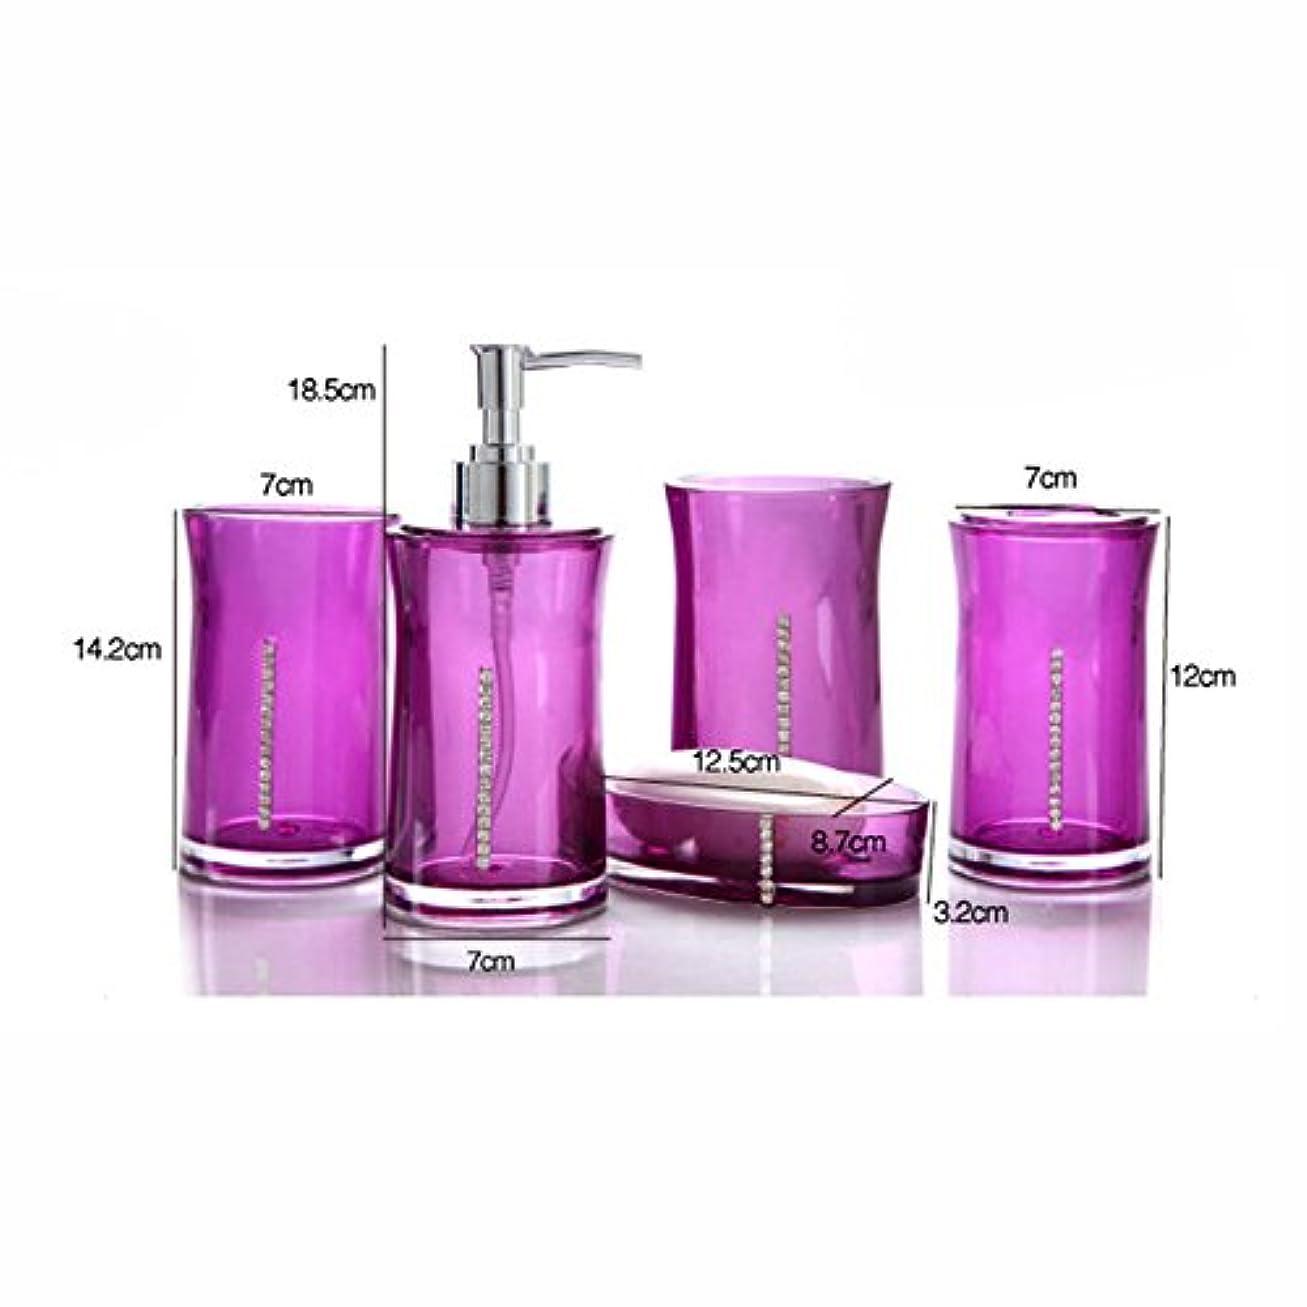 通り抜ける動サミットxlp シャワージェルアクリルボトル、キッチンバス用シャンプー液体石鹸ディスペンサーボトル (紫)